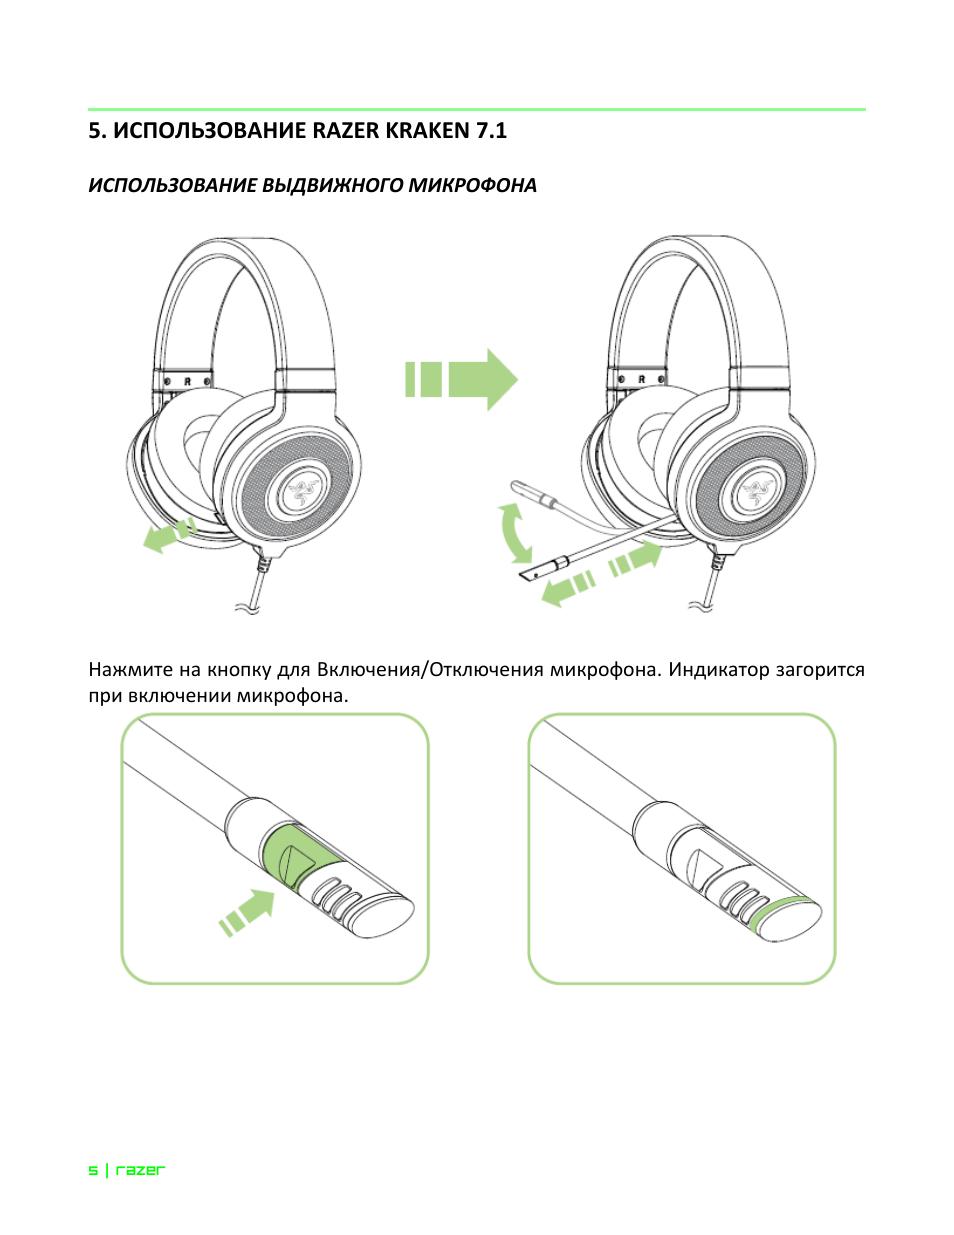 Использование razer kraken 7.1, Использование выдвижного микрофона